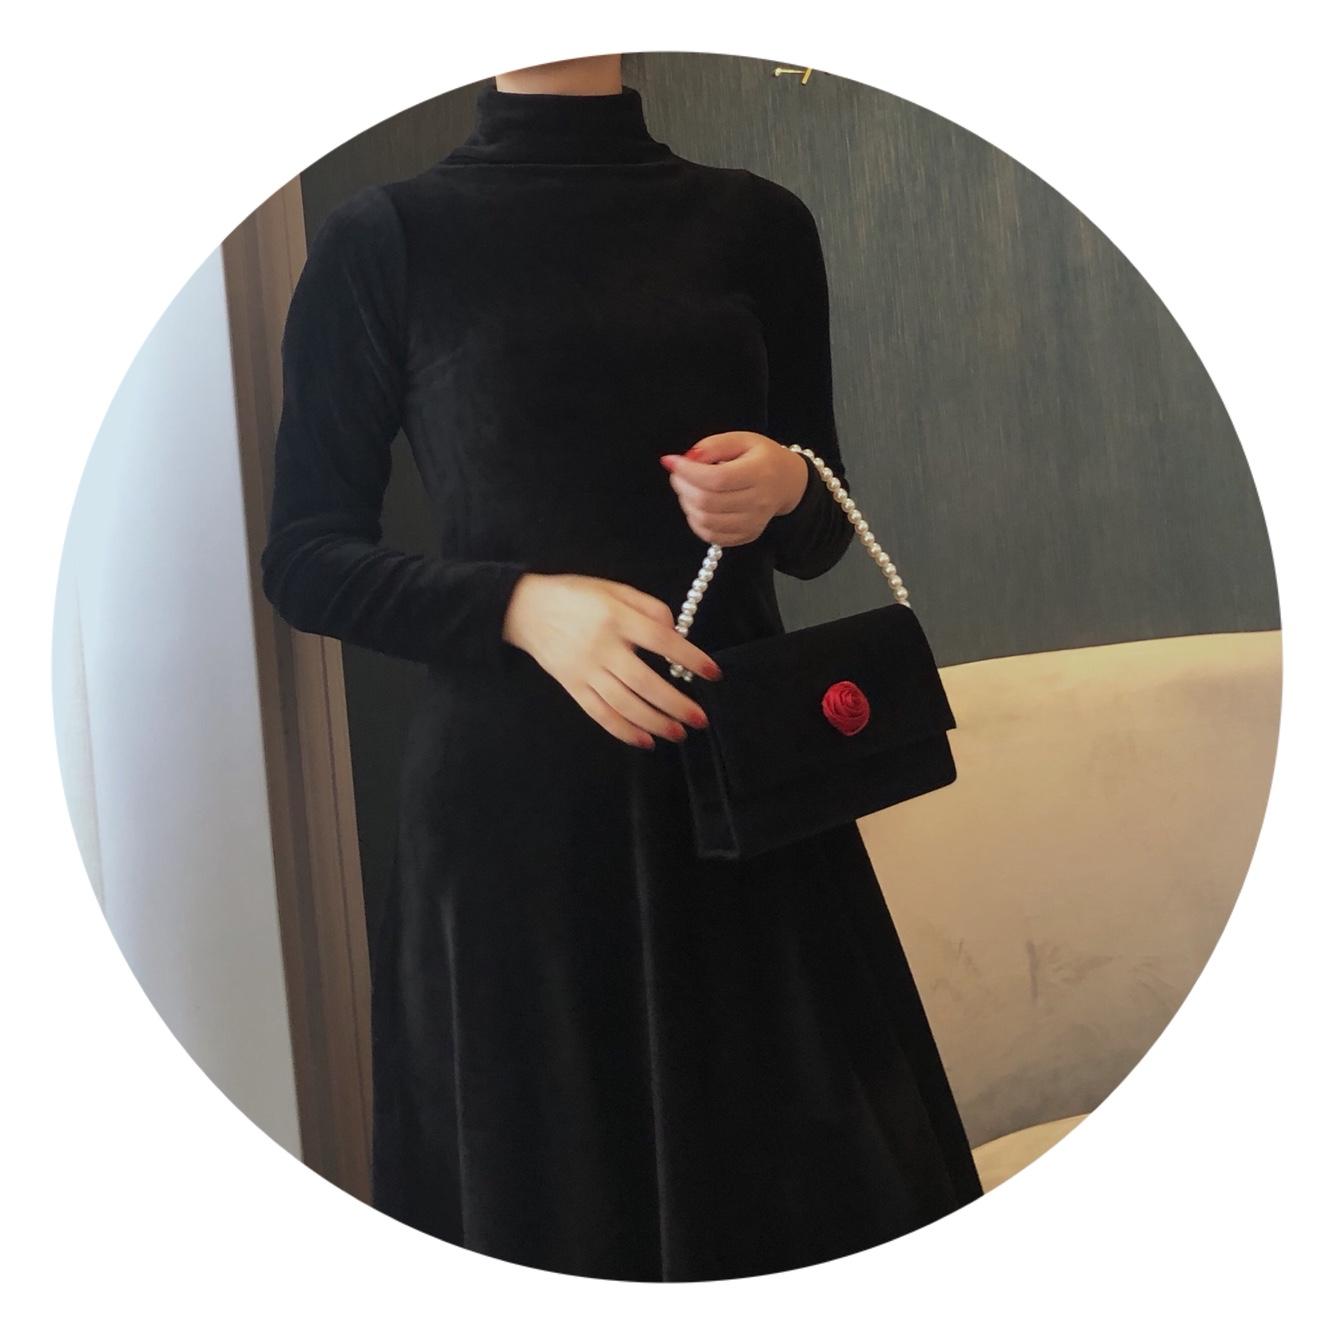 红色复古包 复古小众小方包黑色绒面红色玫瑰时尚小包珍珠手提斜挎设计感女包_推荐淘宝好看的红色复古包